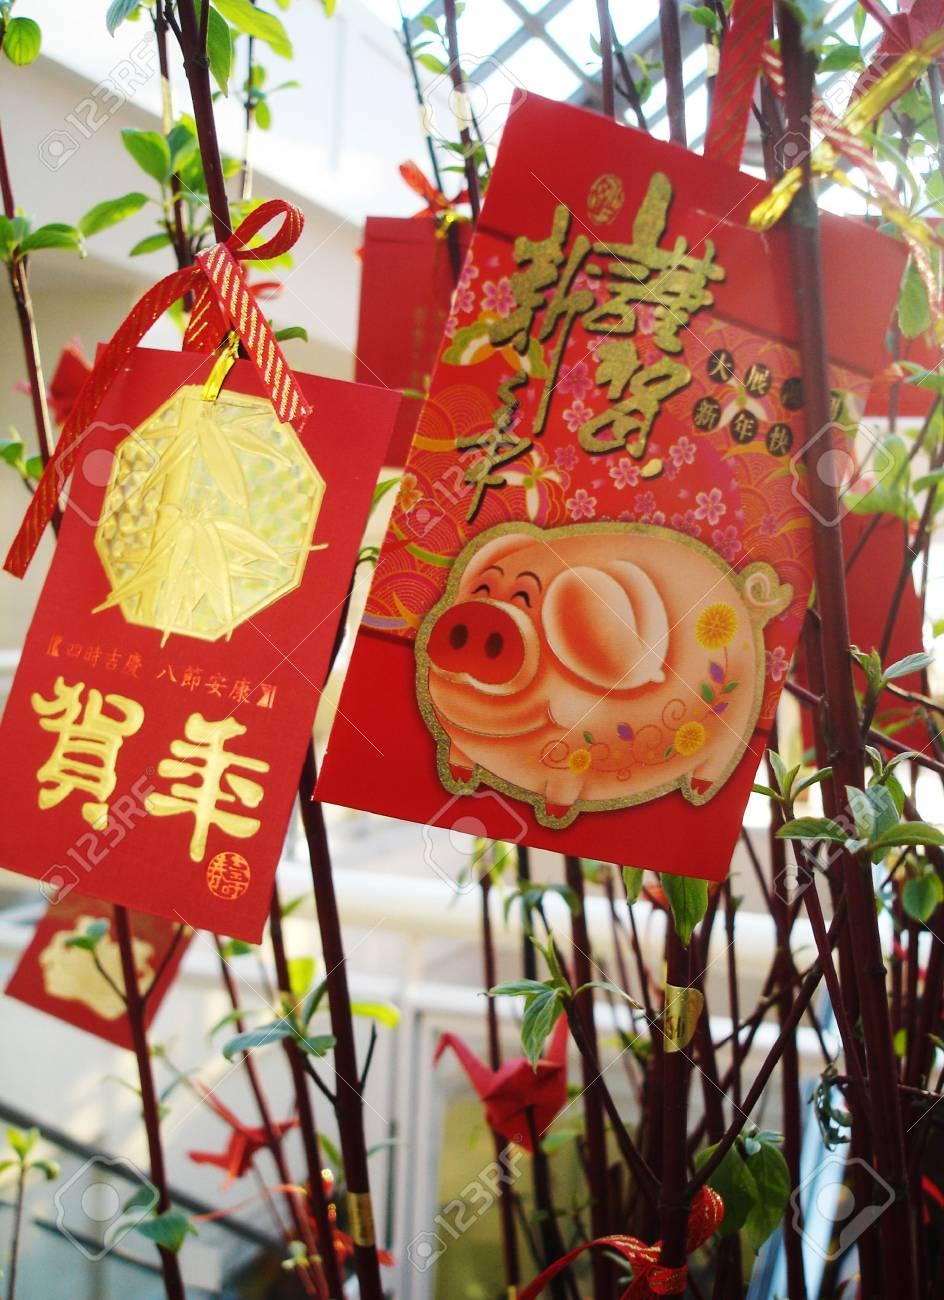 Gruß-Karten Für Das Jahr Des Schweins - Chinesisches Neujahr ...